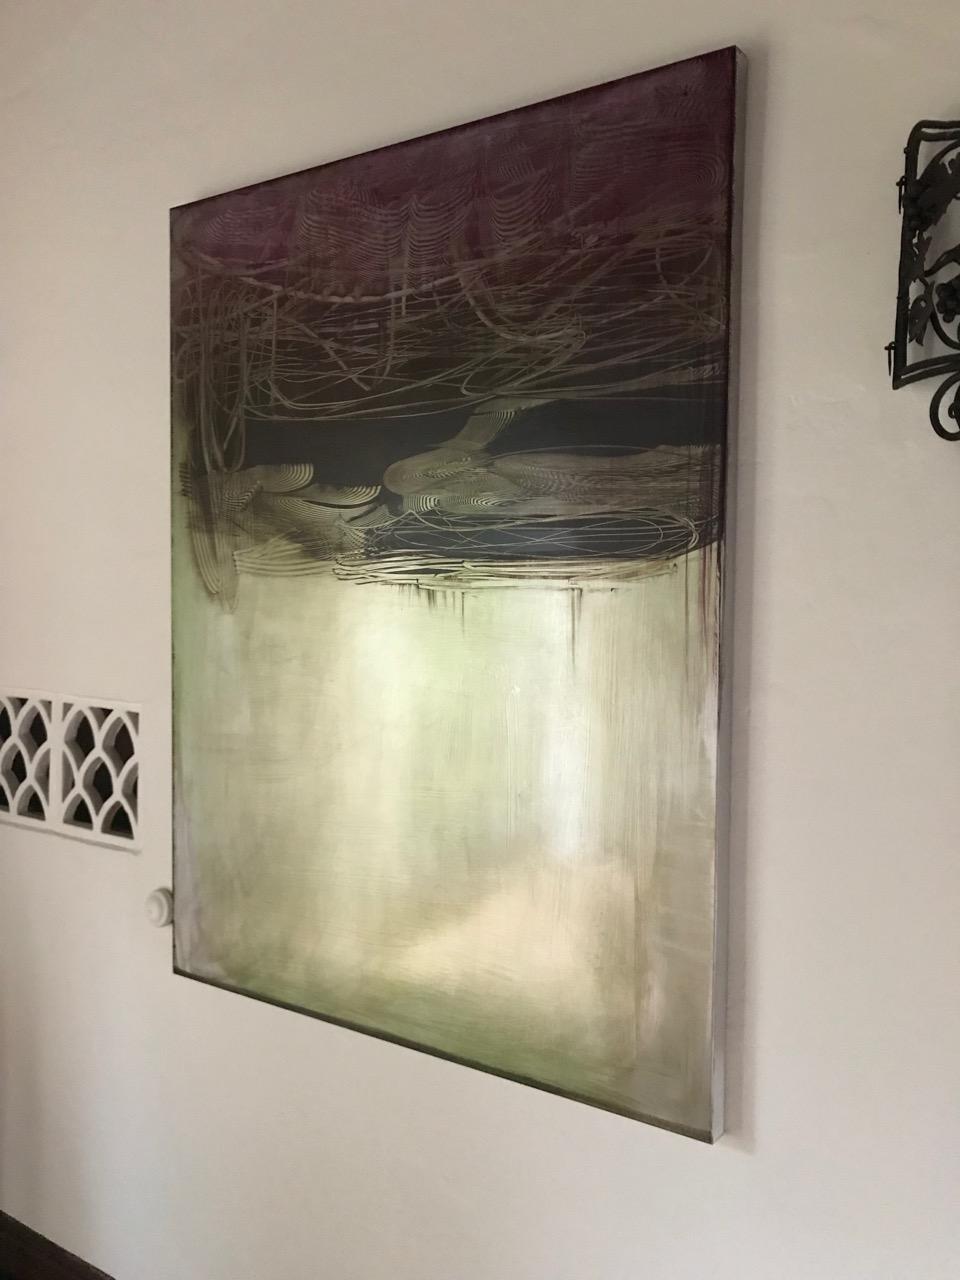 ARTIST: KIM ANNO